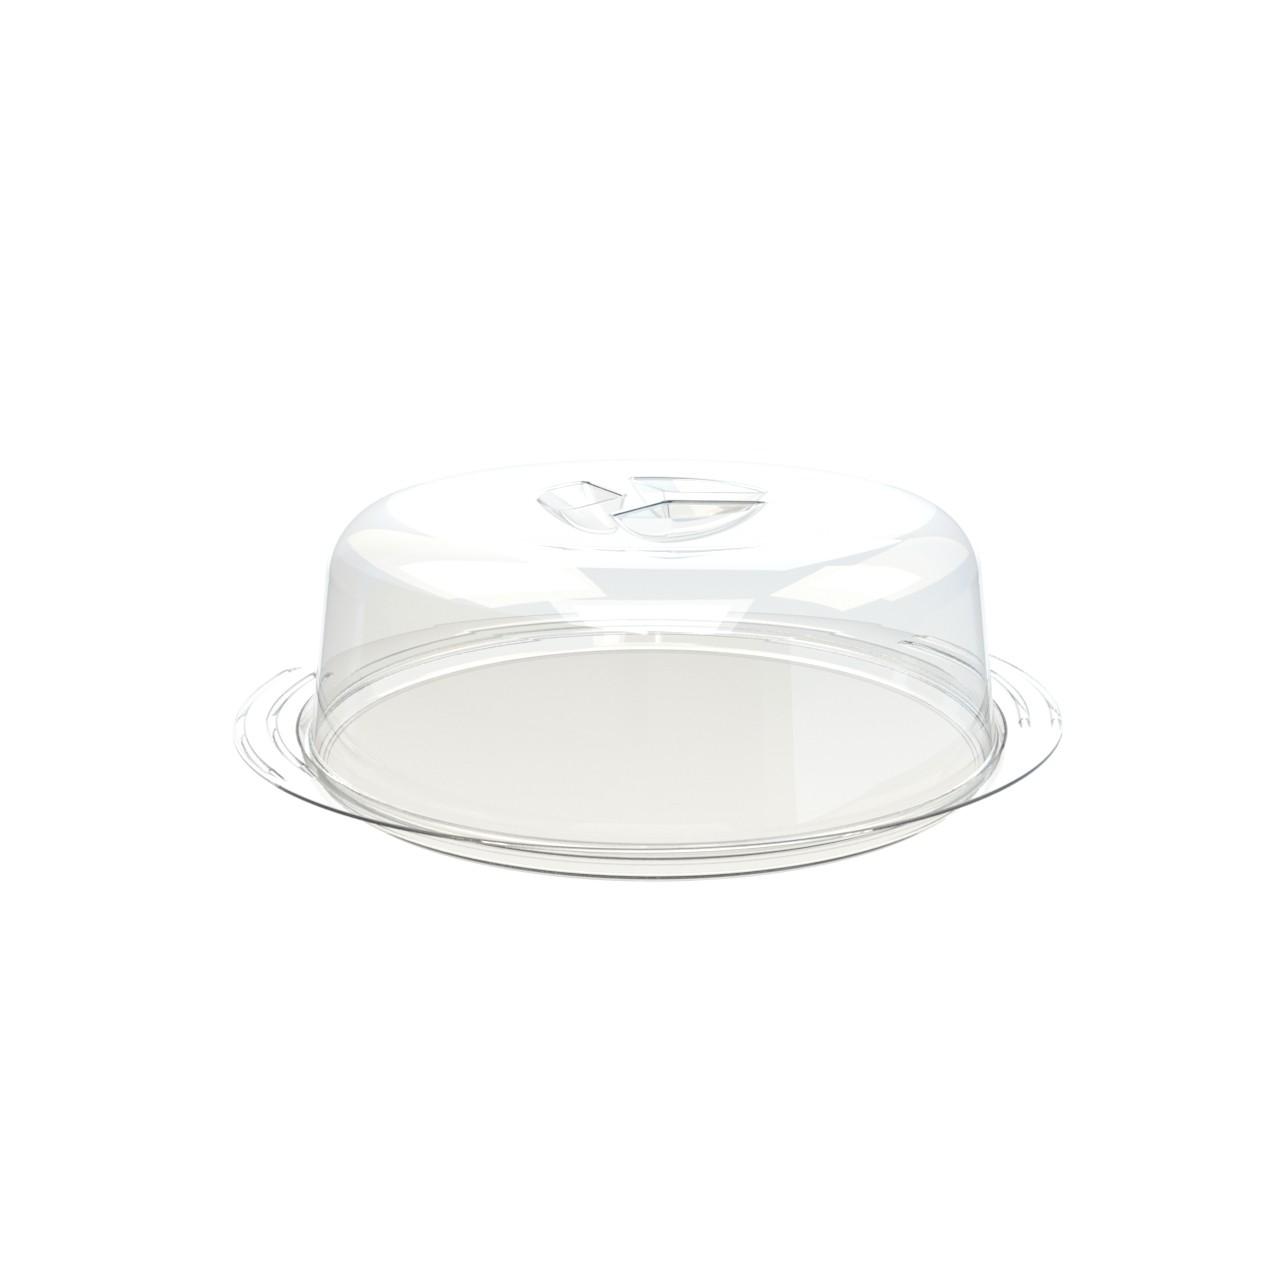 Boleira de Plastico 31cm Branco - Utility